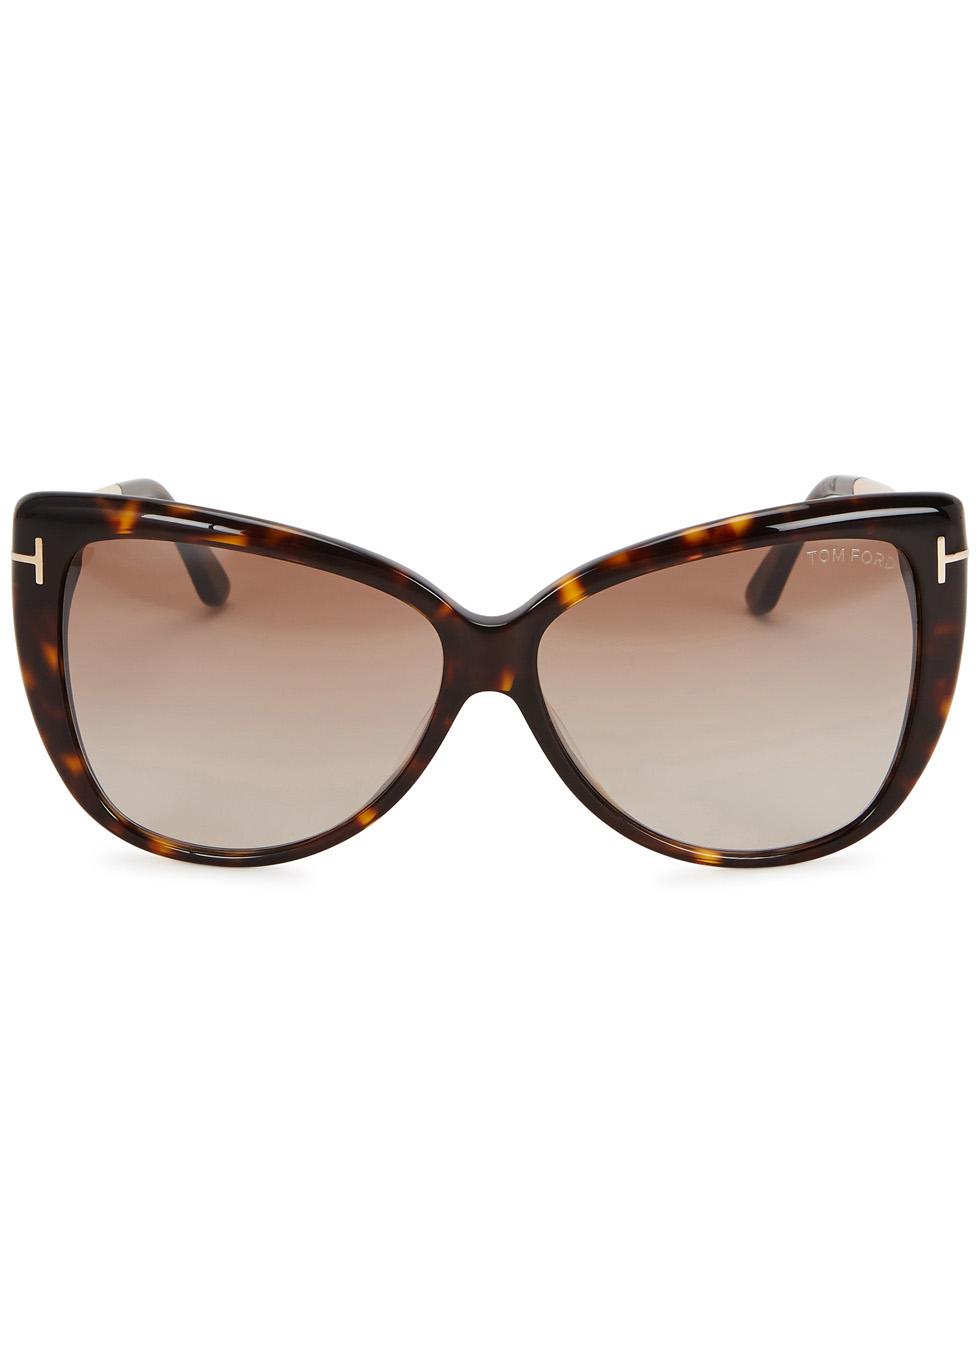 Reveka tortoiseshell cat-eye sunglasses - Tom Ford Eyewear